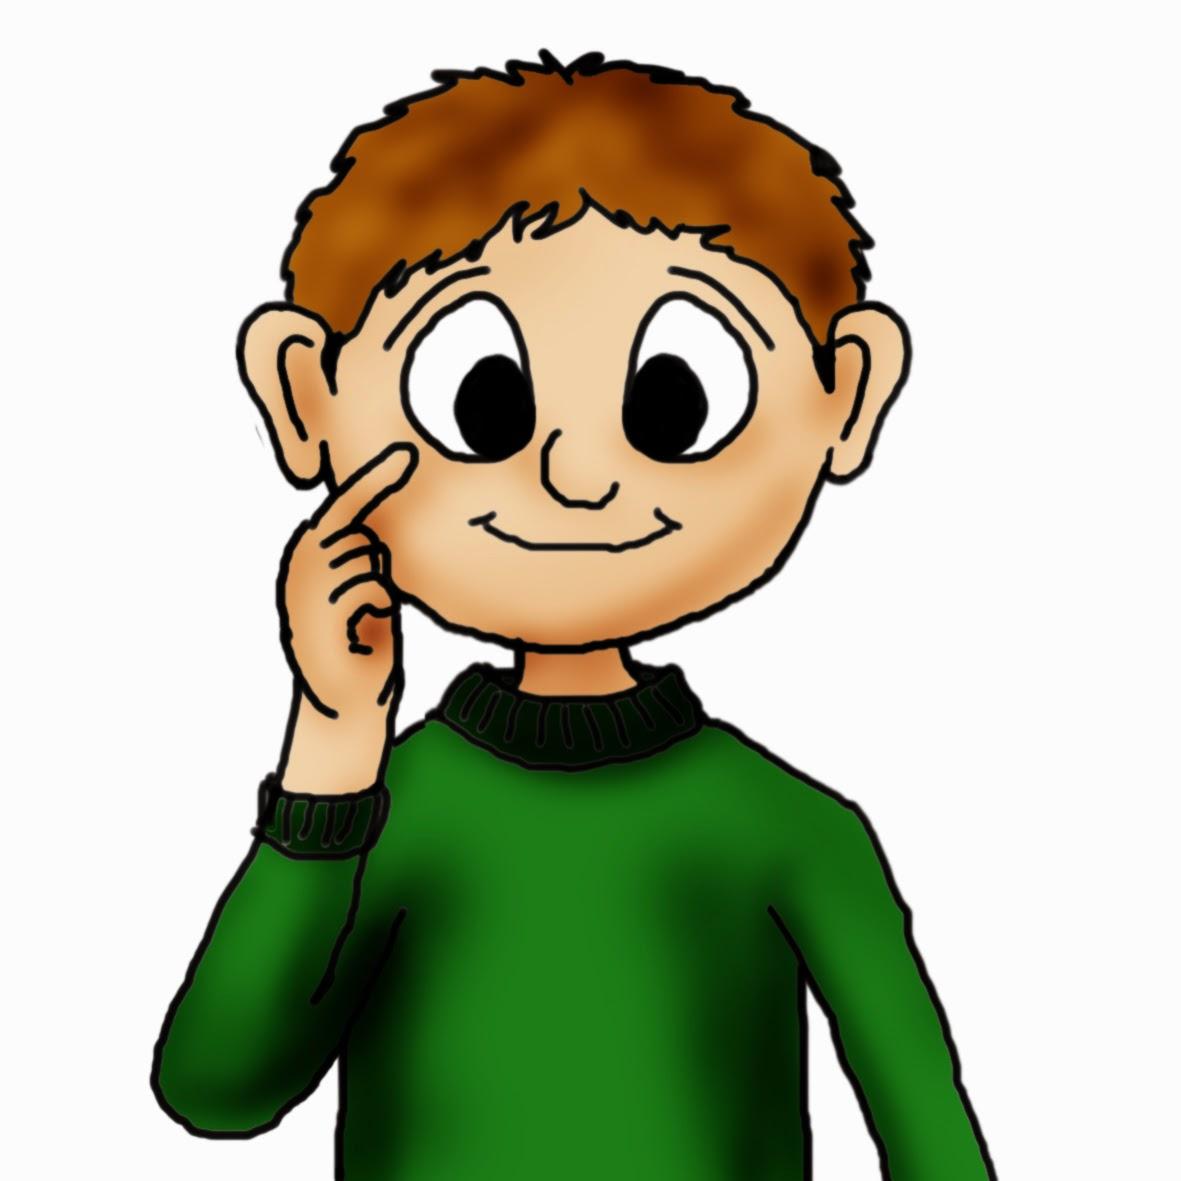 In dieser Kategorie findest Du viele tolle animierte EMail Bilder und animierte EMail Gifs! Alle EMail Cliparts und Animationen kannst Du kostenlos downloaden oder direkt von unserer Seite verlinken  alle Informationen dazu erhältst Du wenn du auf das jeweilige Bild klickst